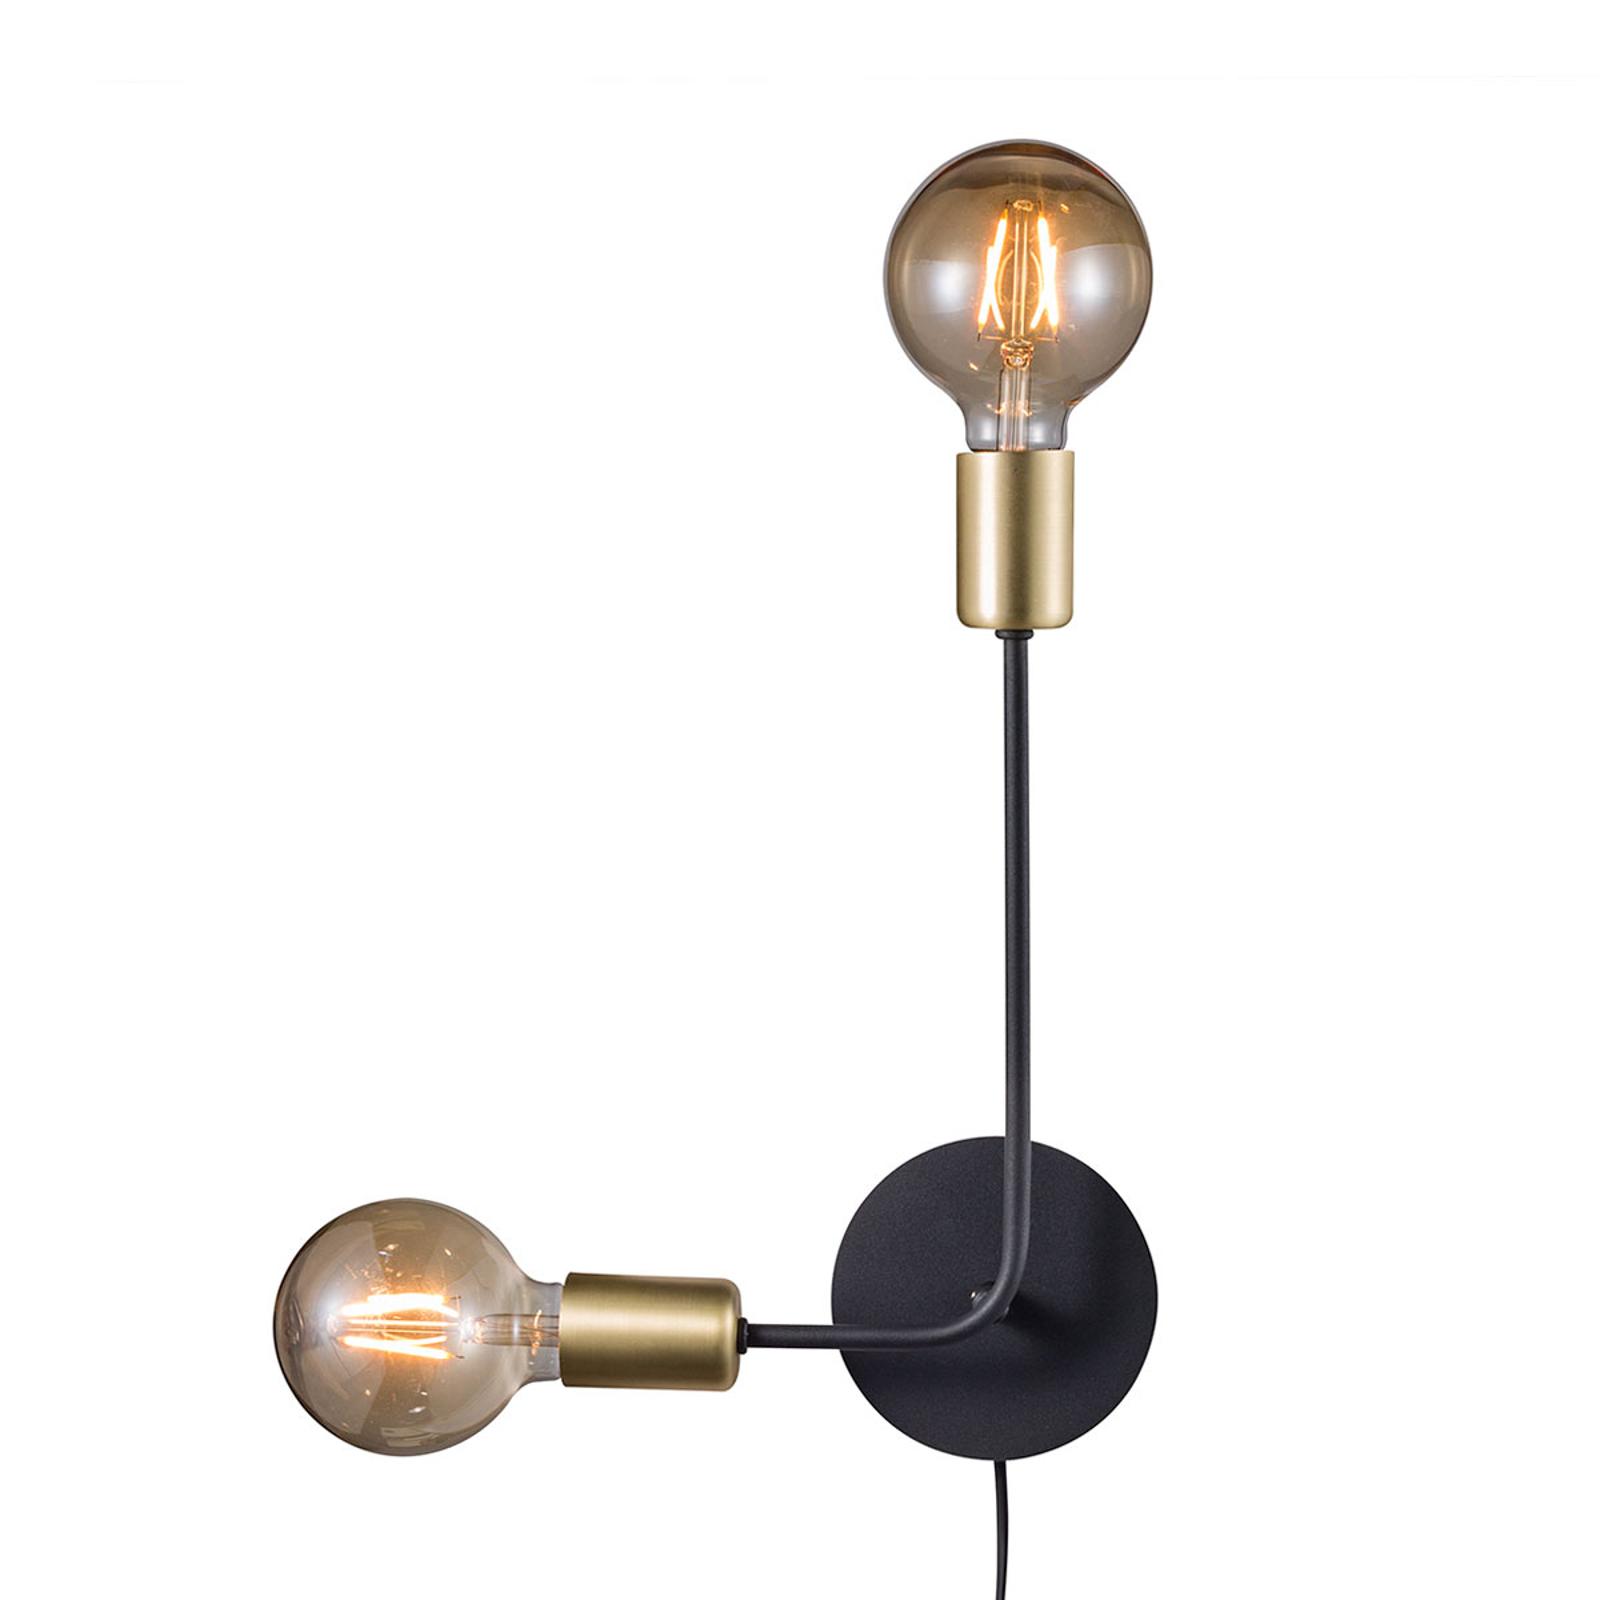 Wandlamp Josefine met kabel en stekker